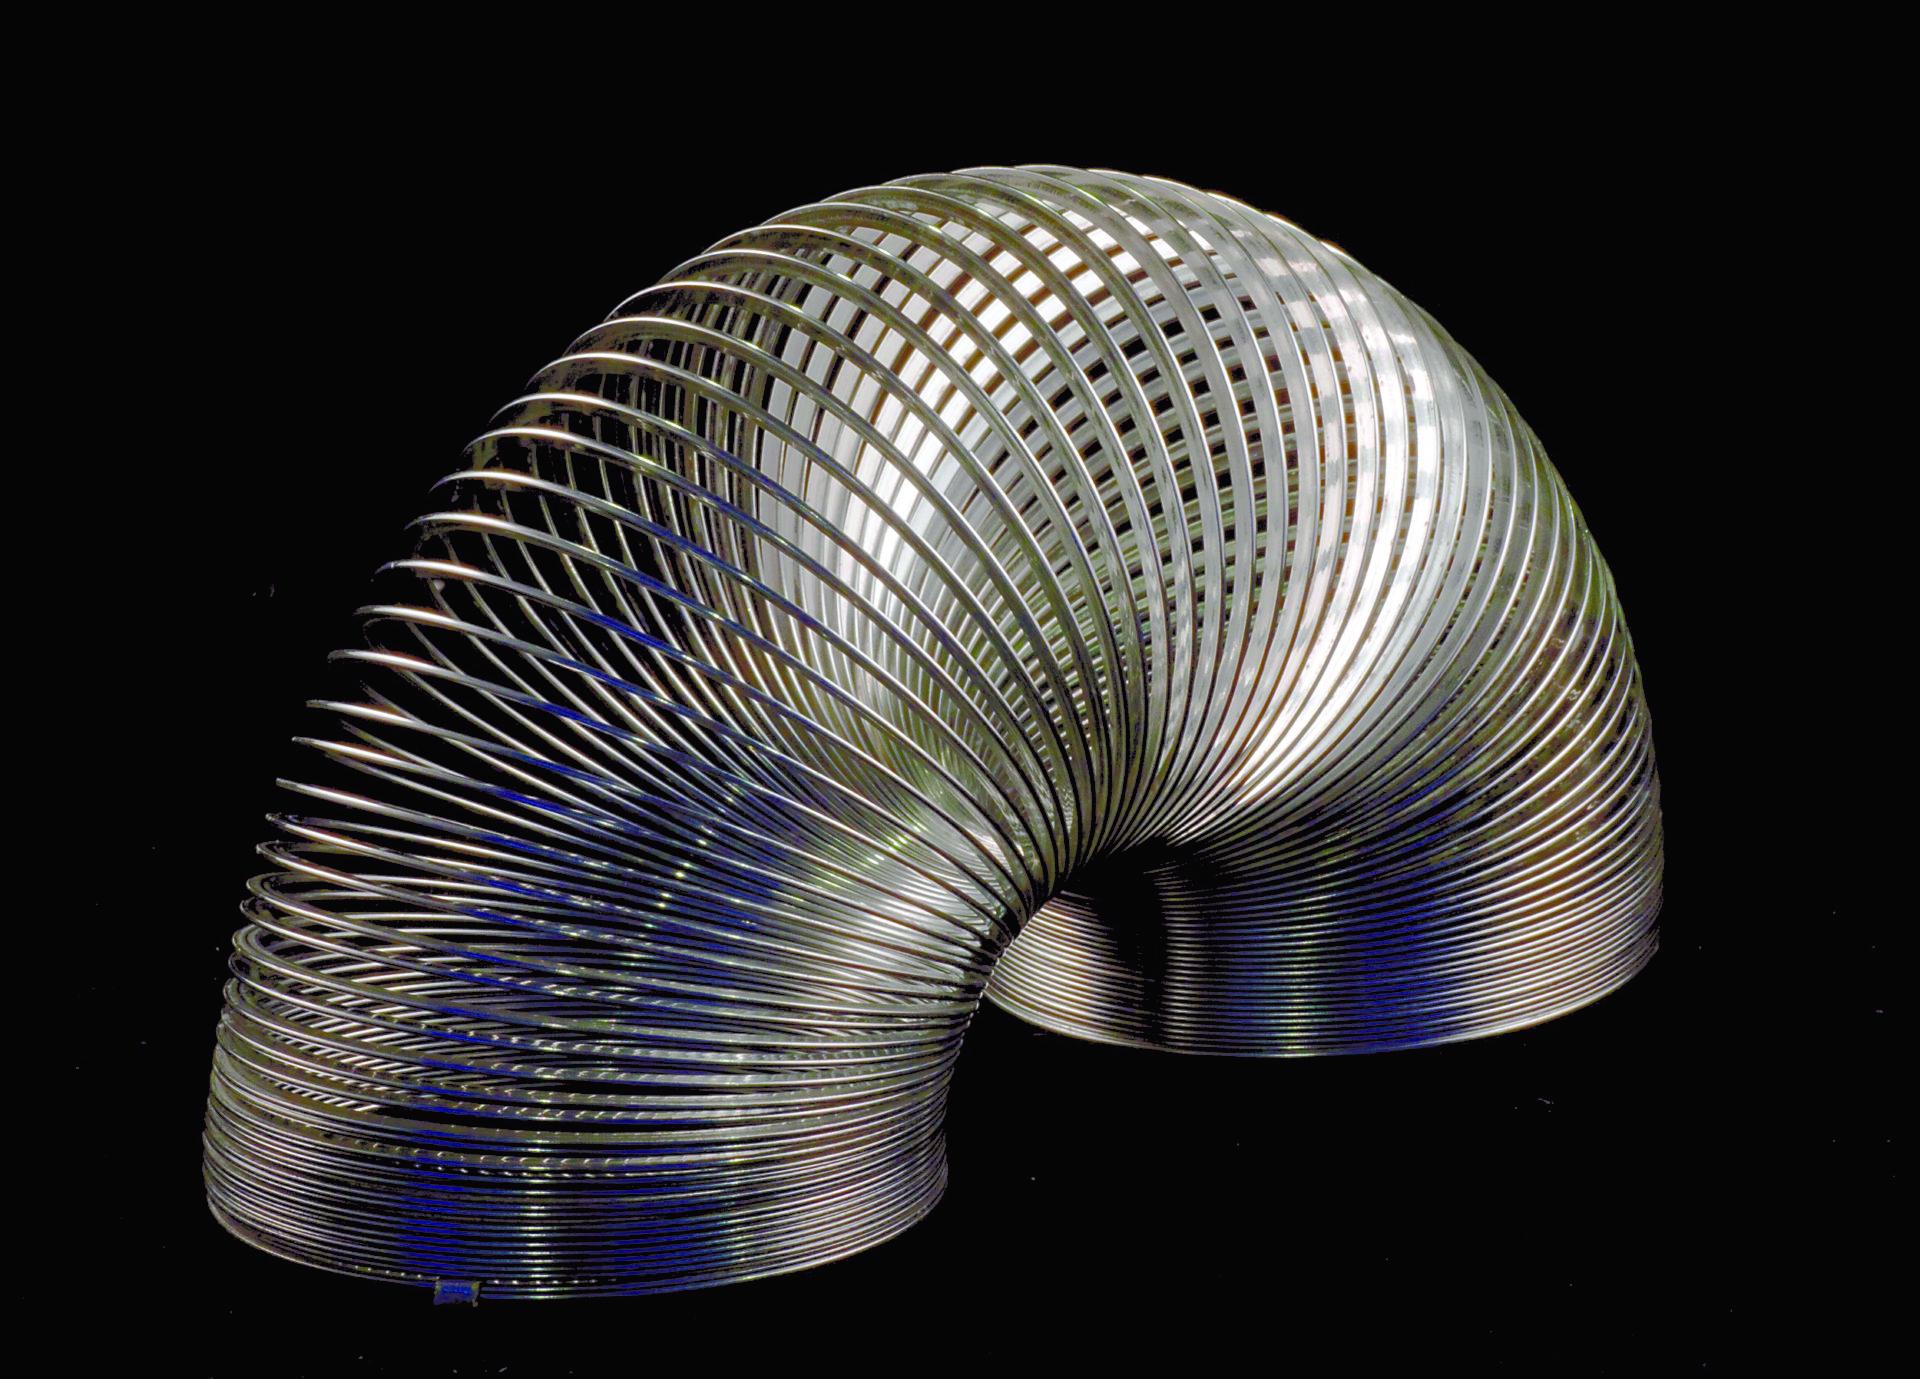 The-original-Slinky-